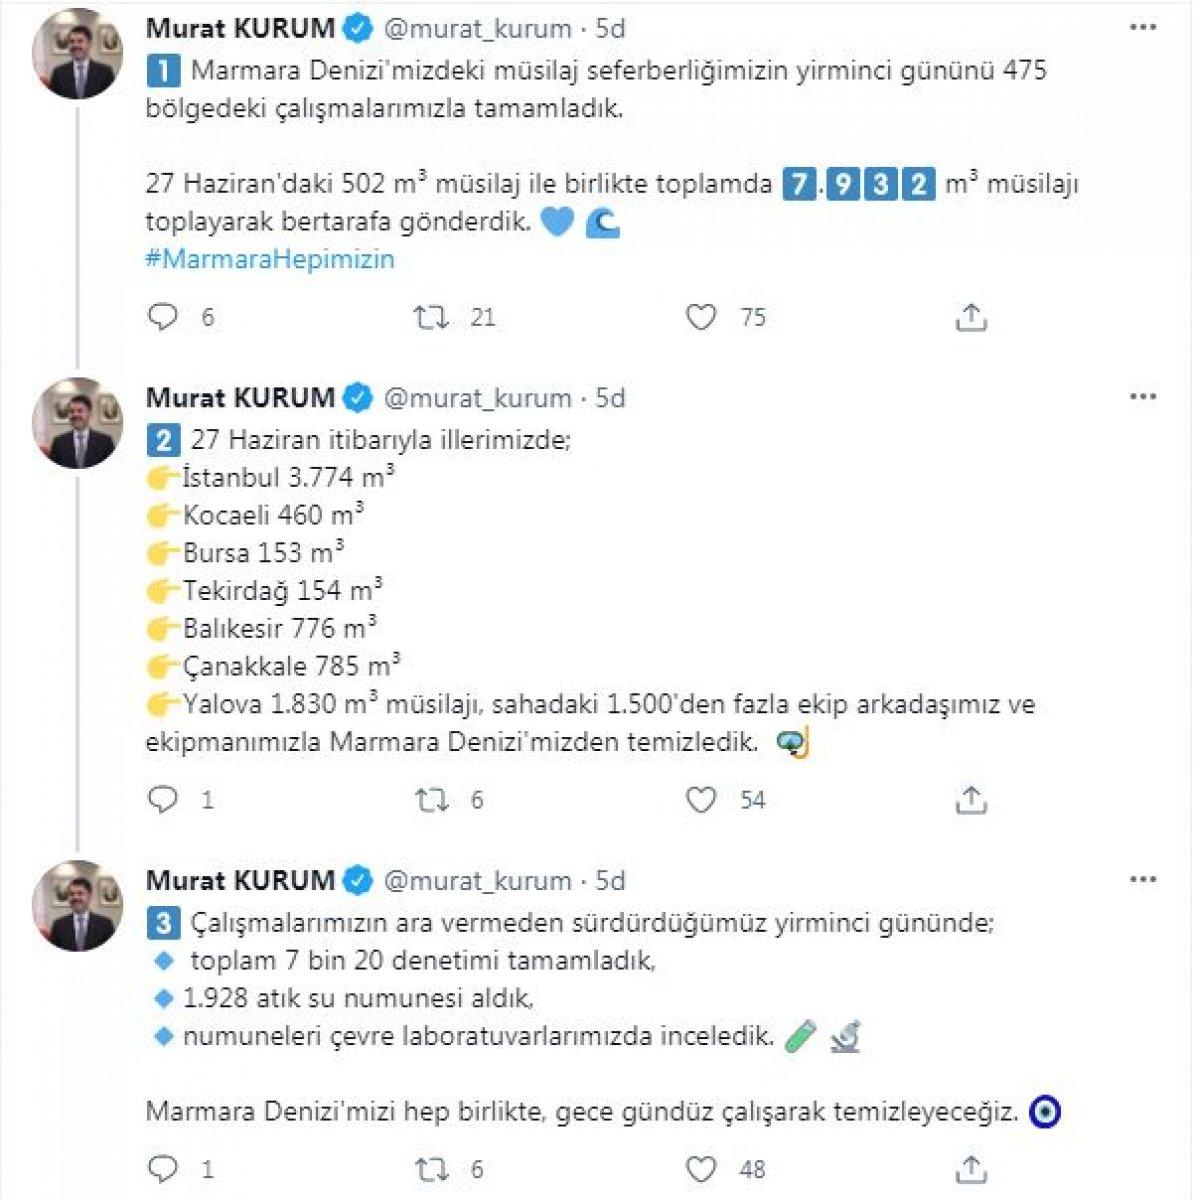 Marmara'da toplanan müsilaj miktarı 7 bin 932 metreküp oldu #10